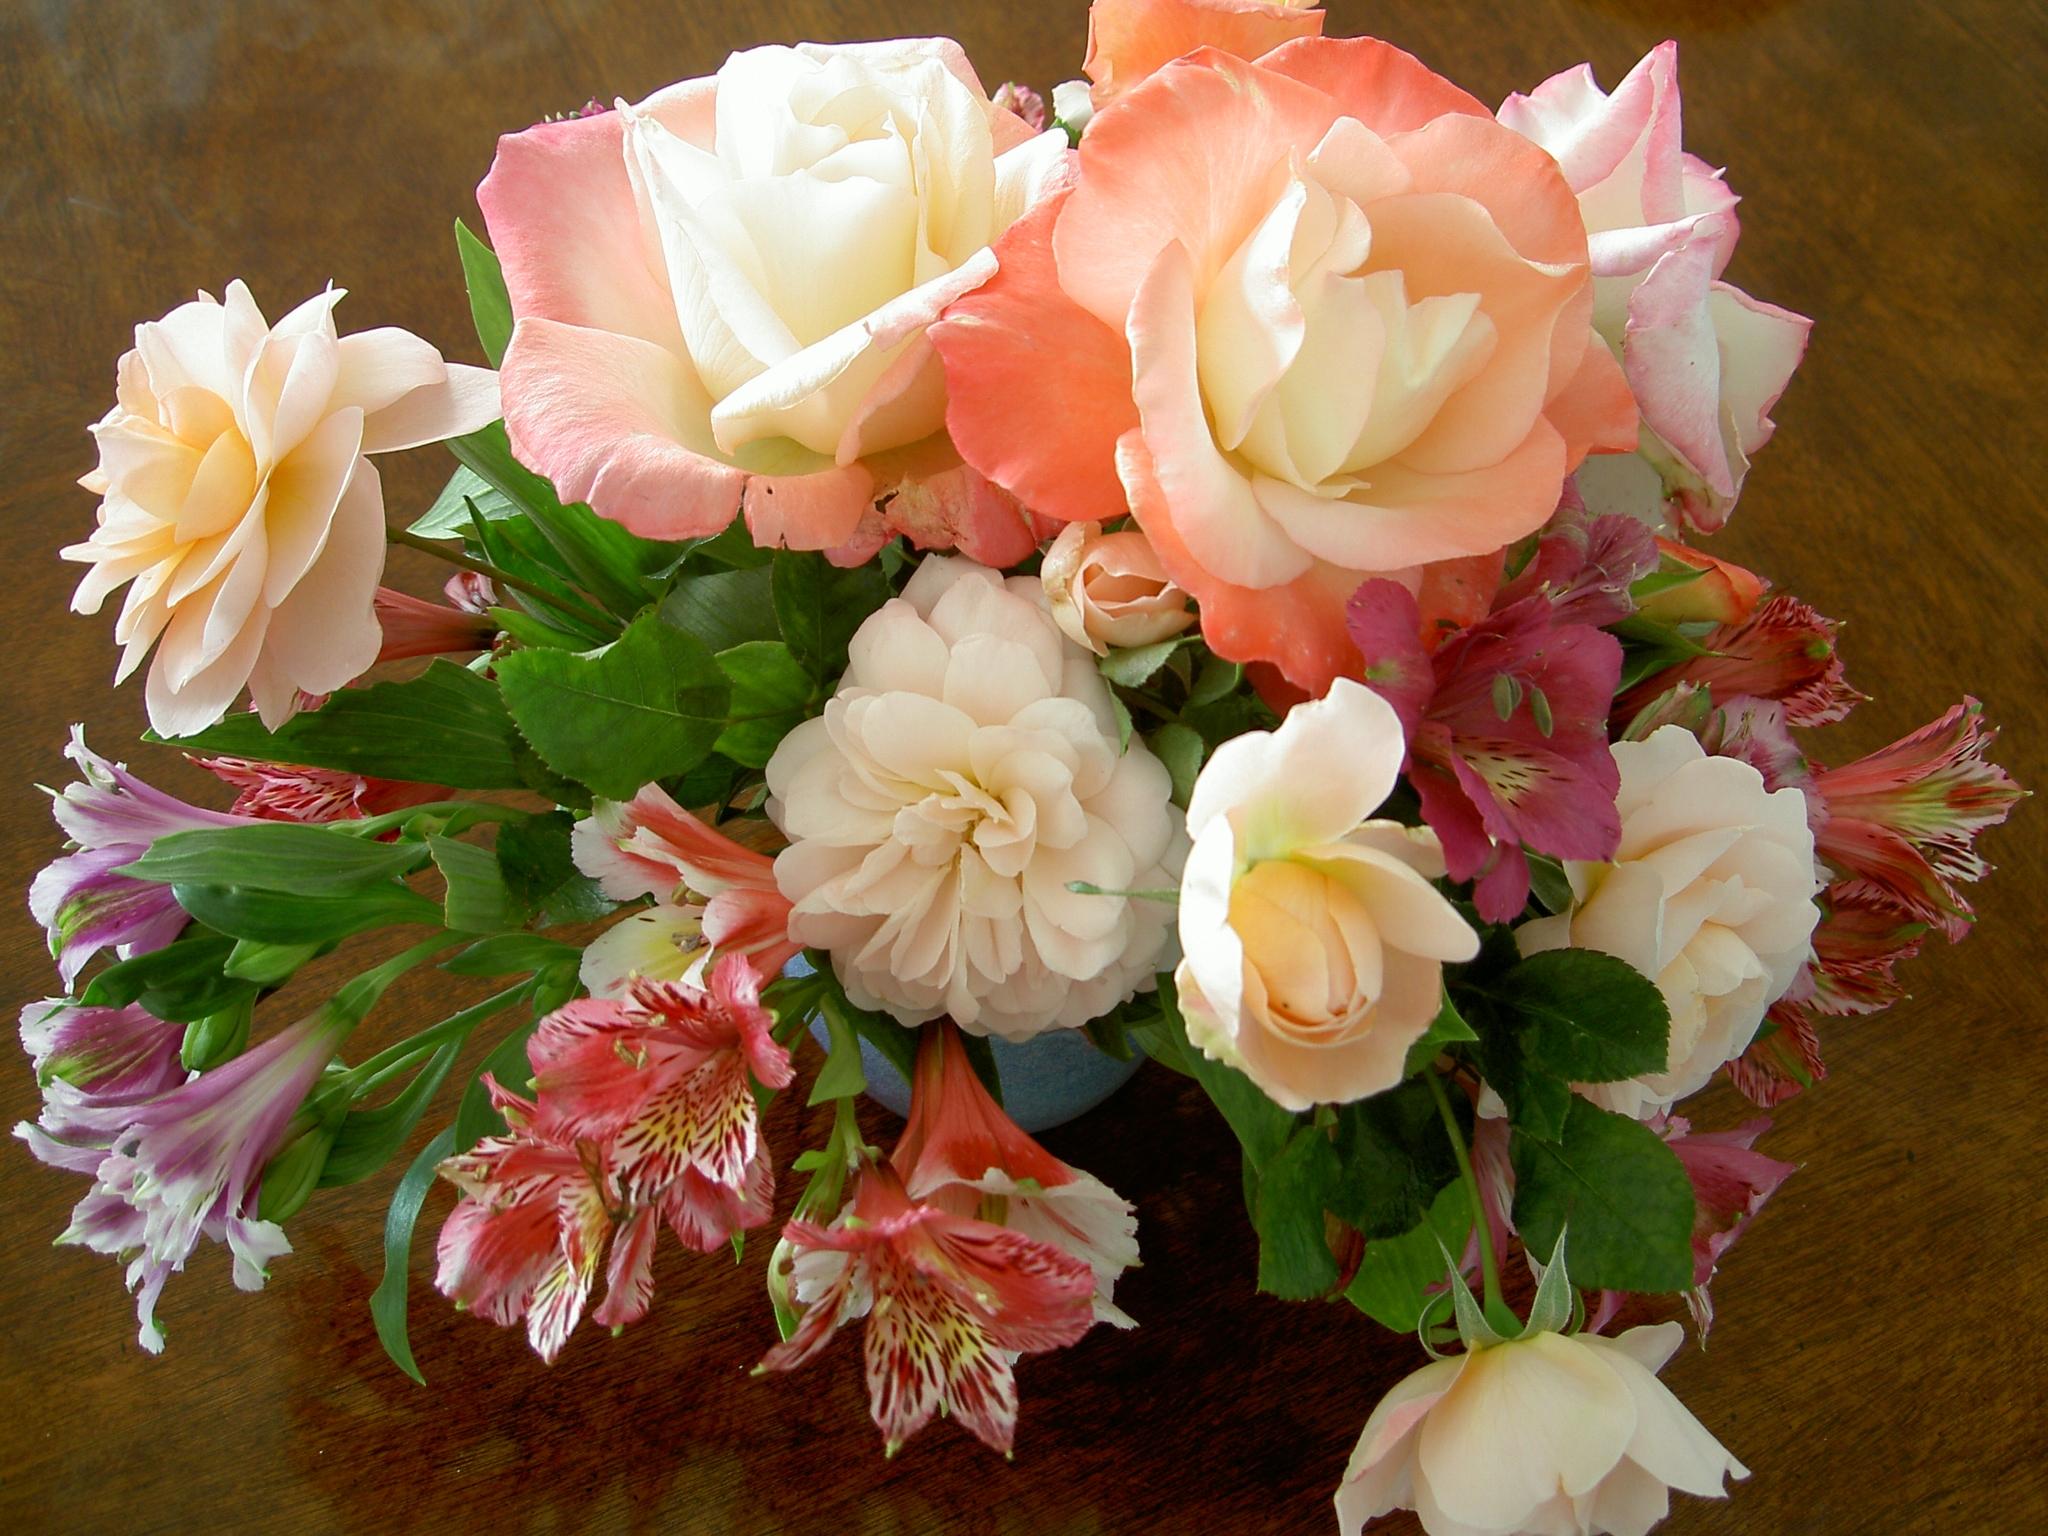 66786 скачать обои Цветы, Лилии, Букет, Композиция, Ваза, Розы - заставки и картинки бесплатно